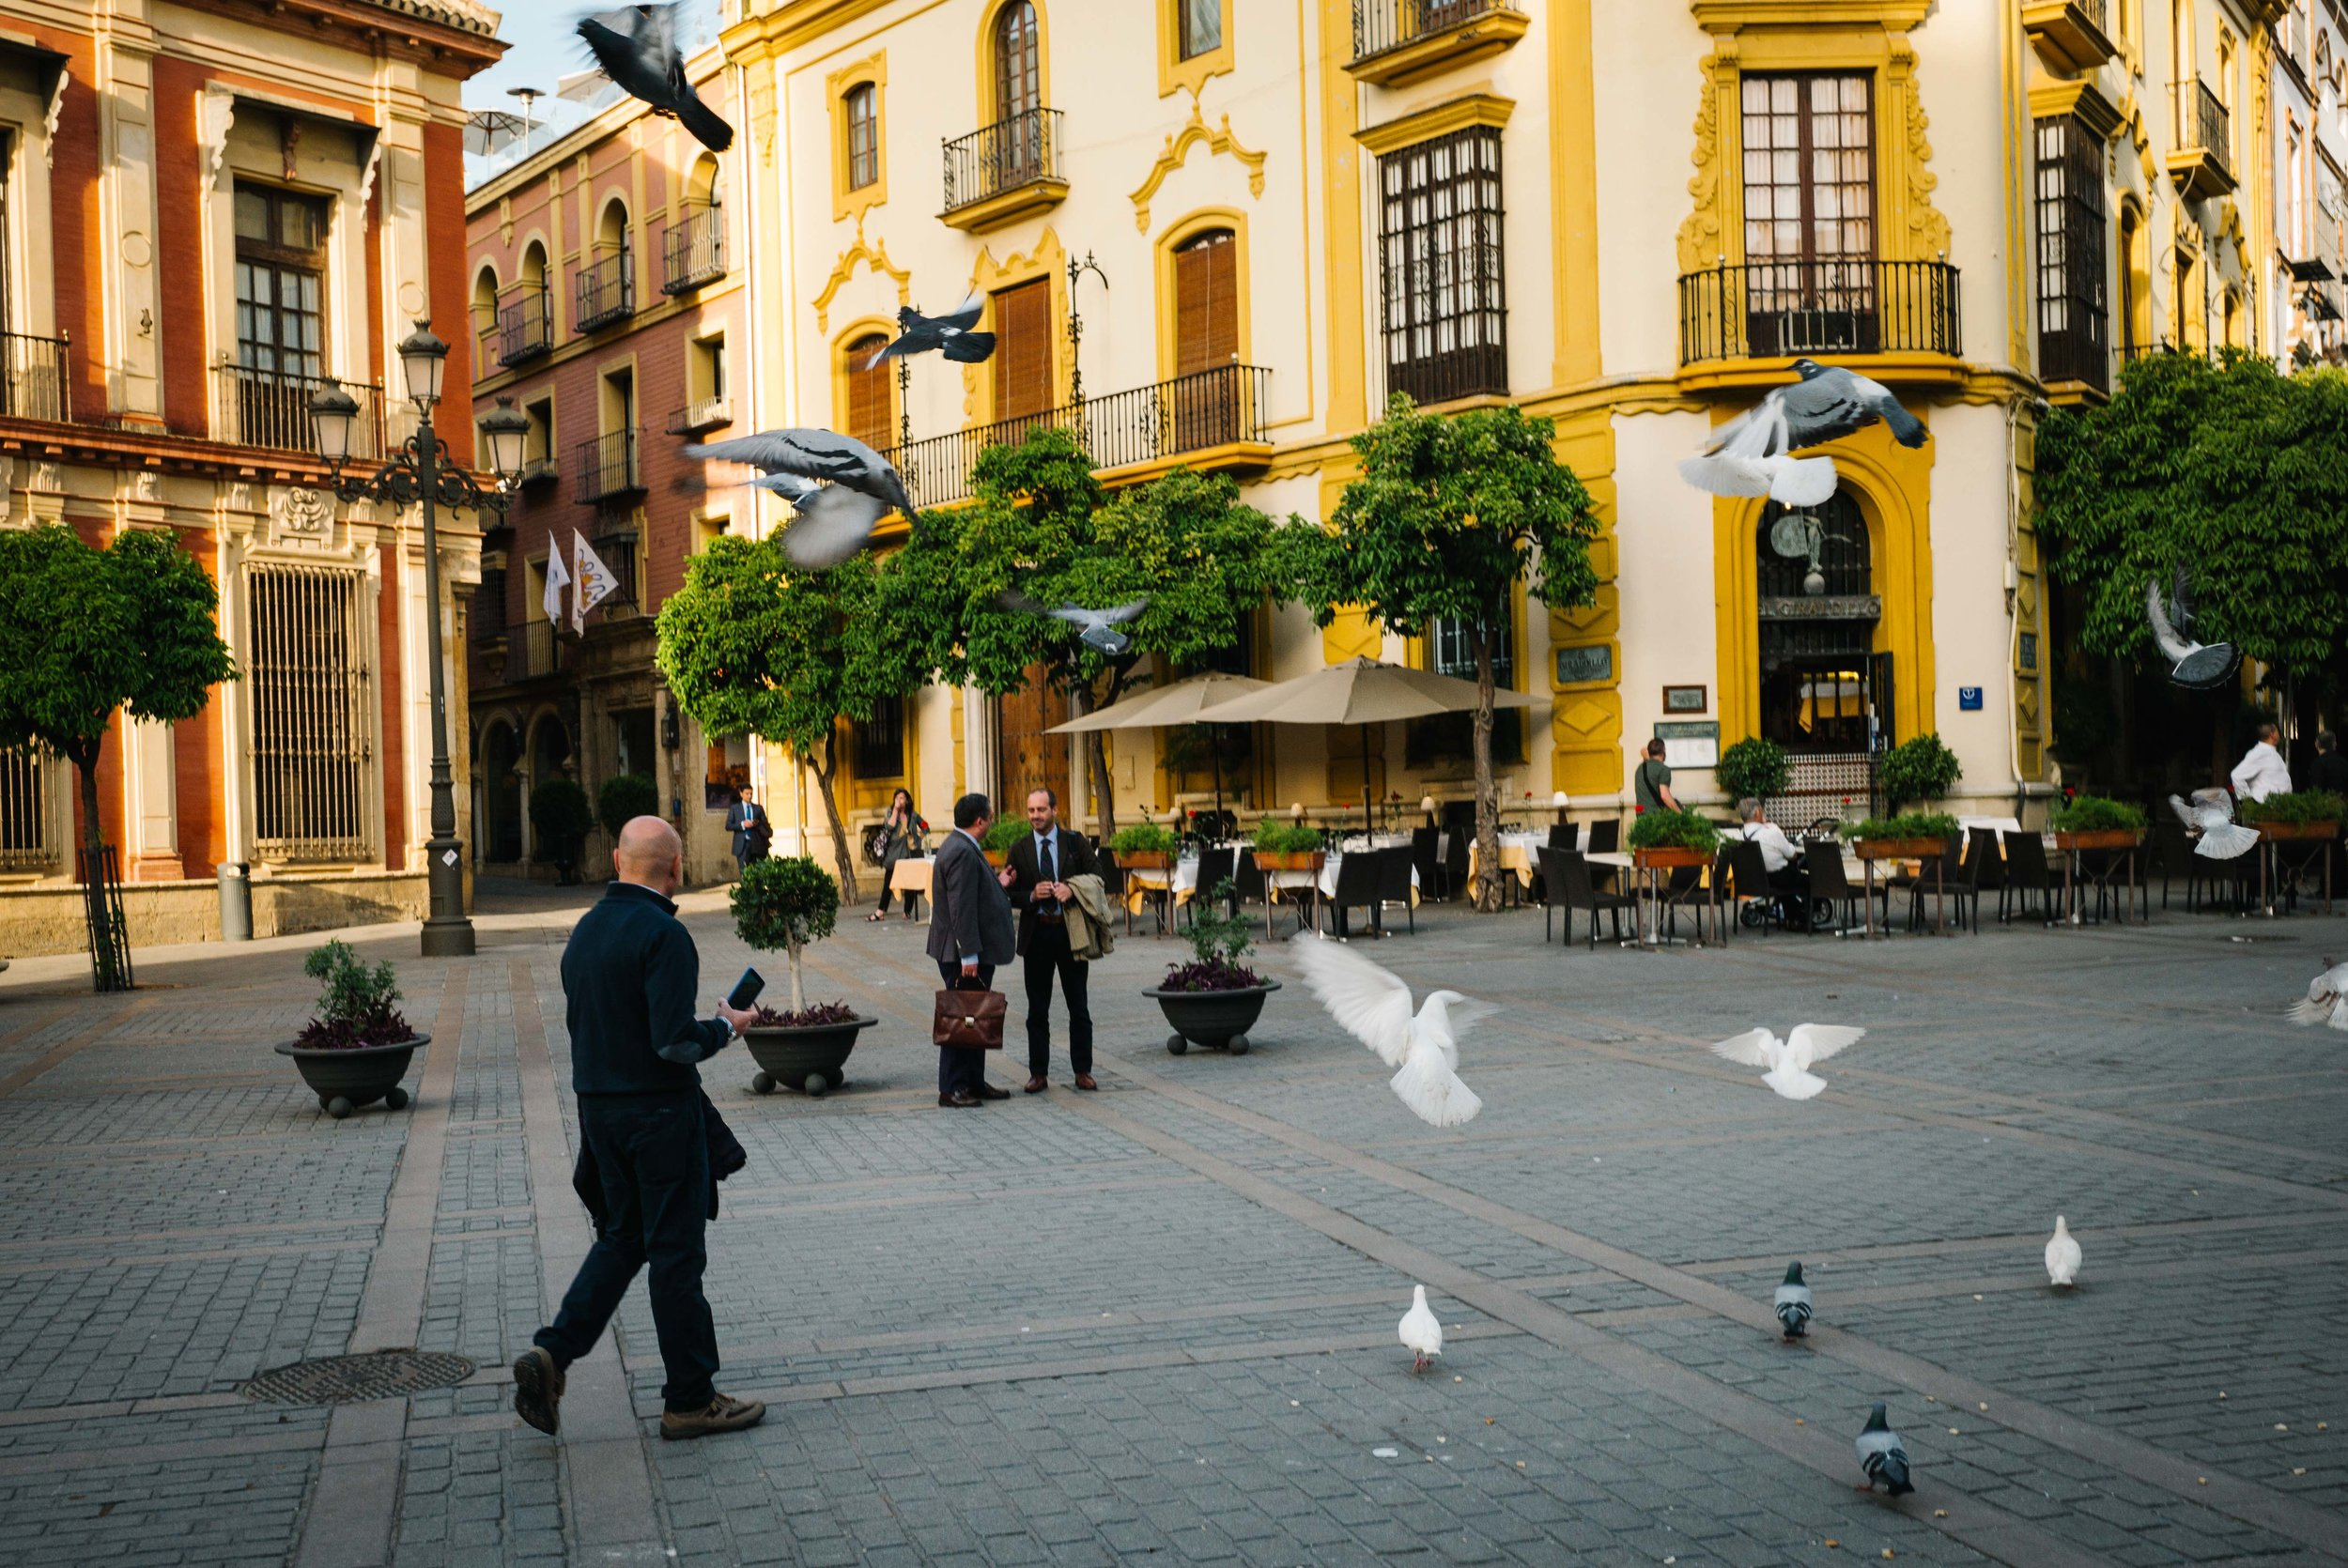 Plaza del Triunfo, Seville. Spain. 2017.